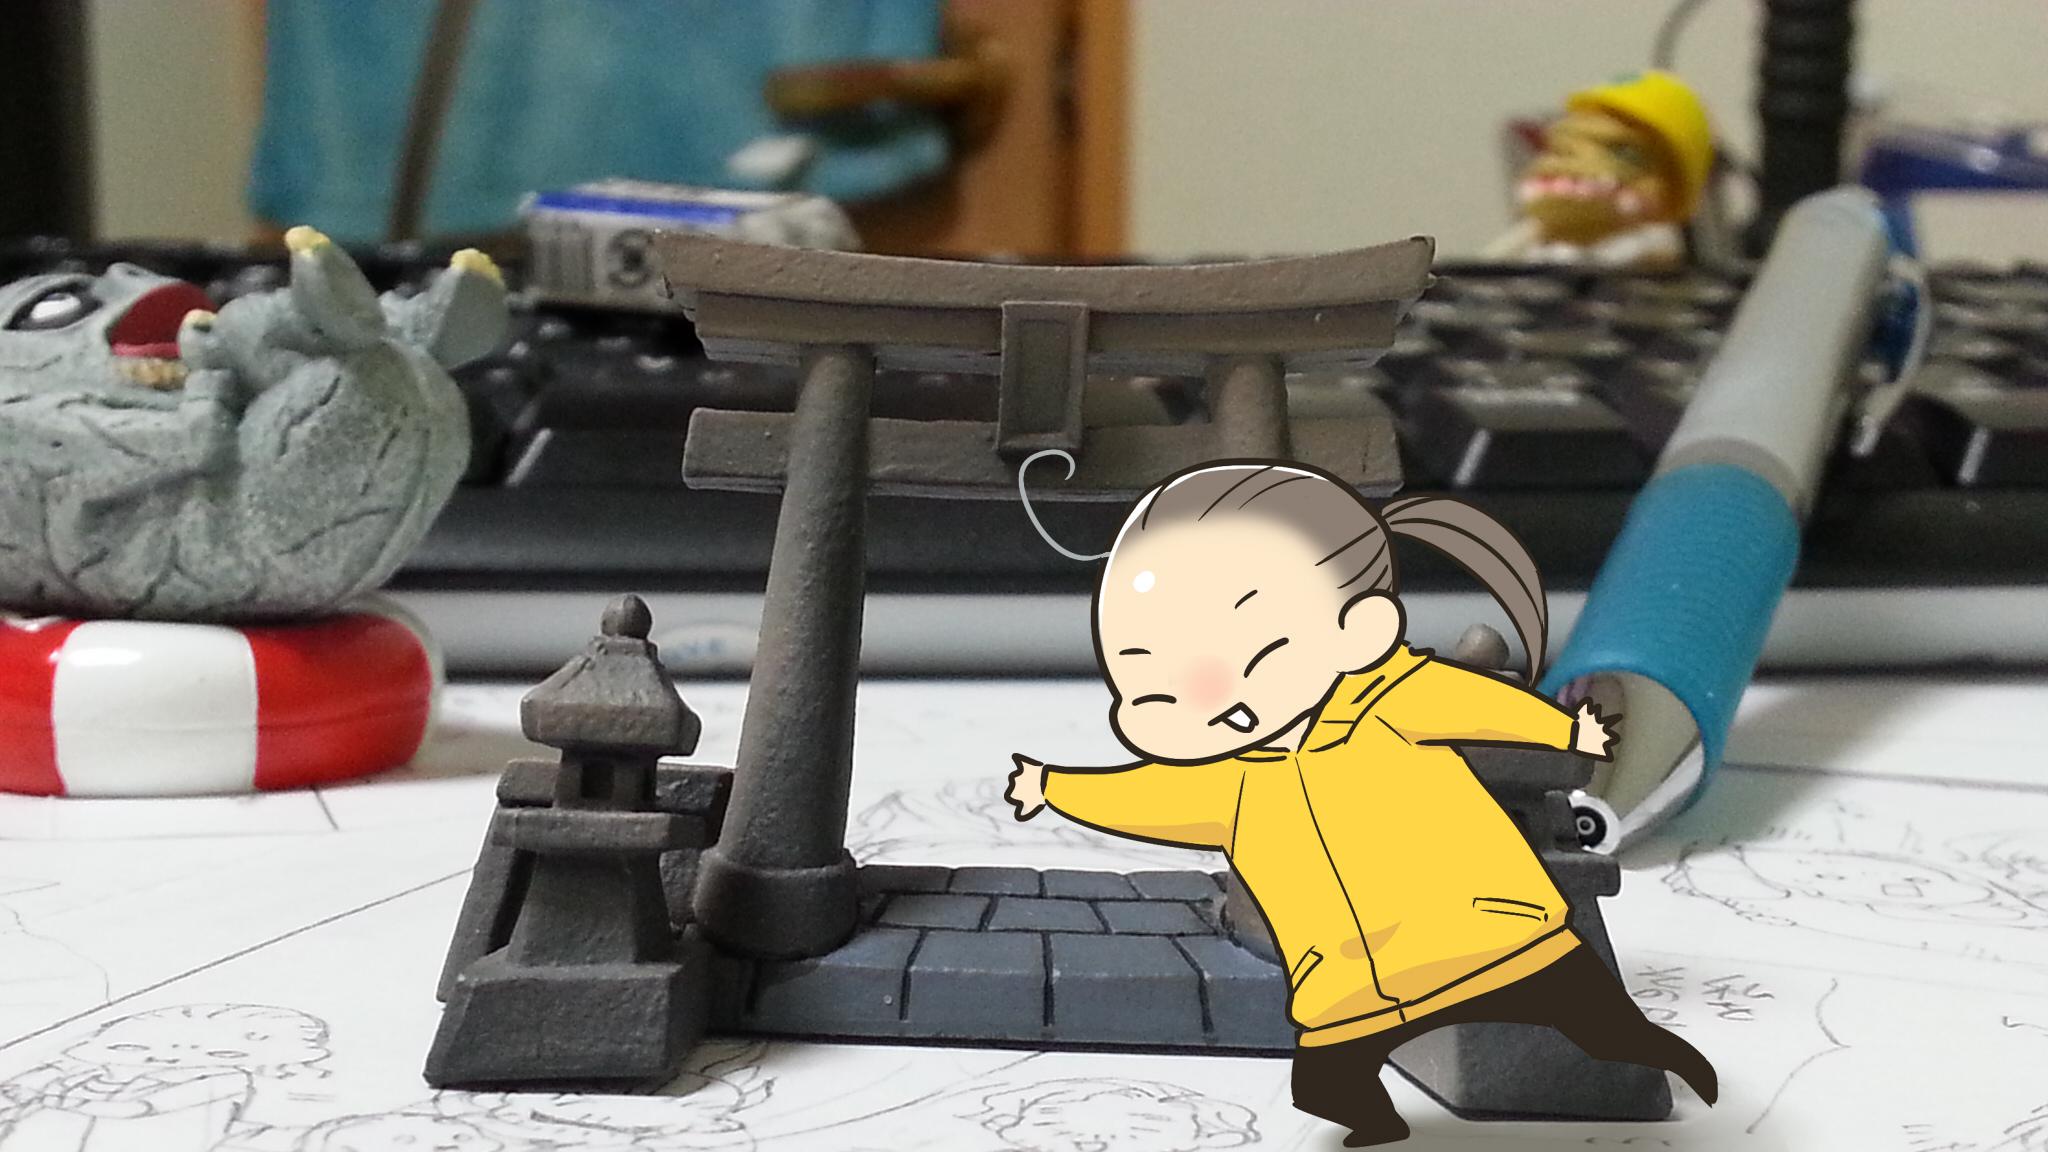 nlp 369(さんろくきゅー)/小千谷市在住のイラストレーター兼漫画家(自称... 【ライター